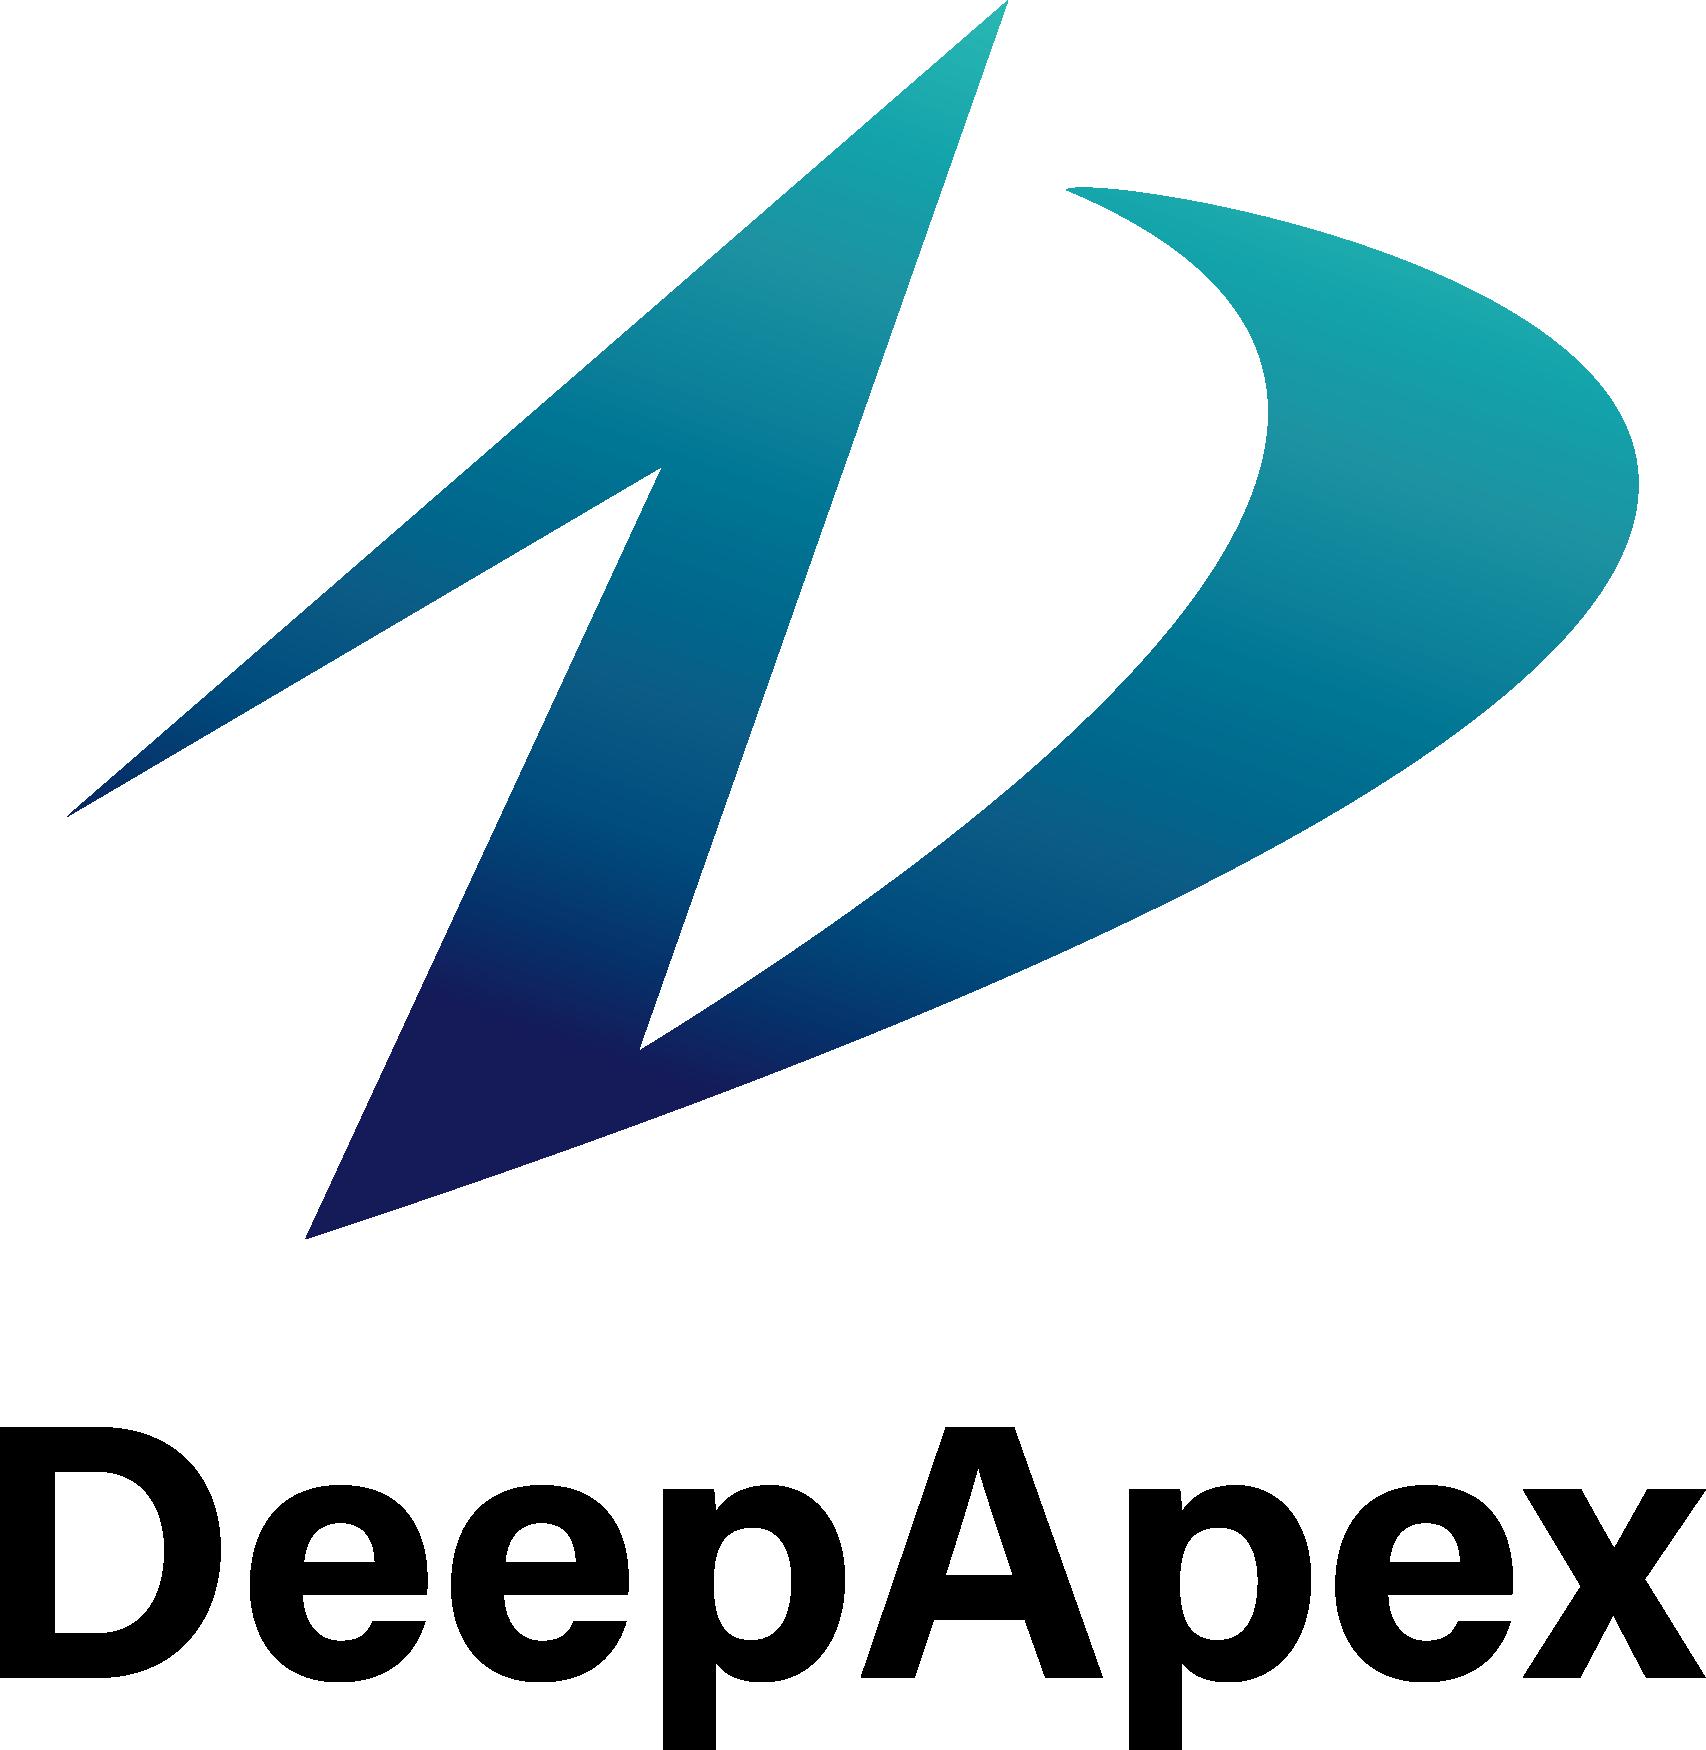 deepapex